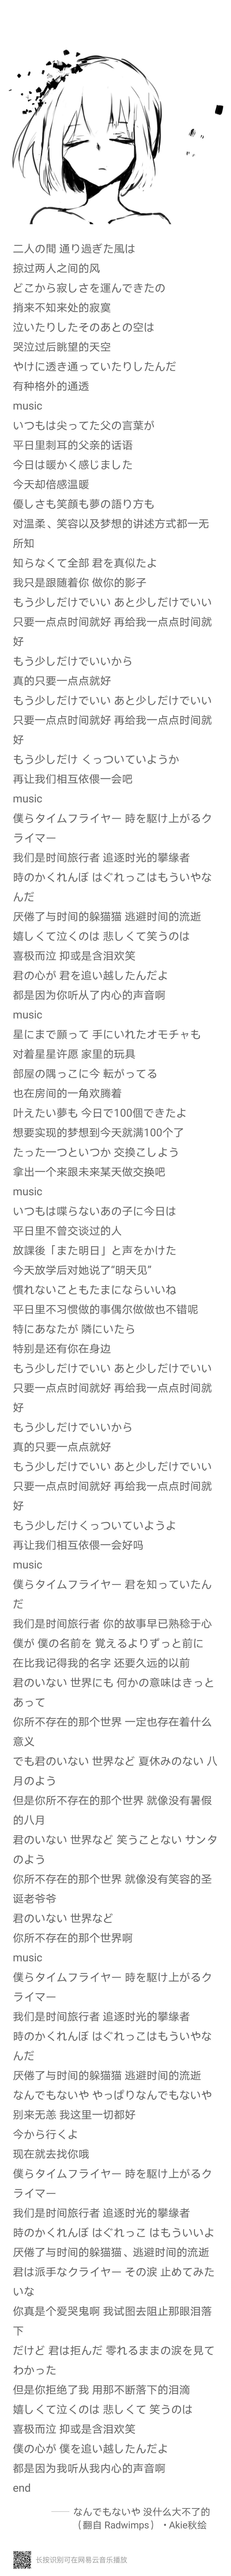 【音乐】なんでもないや没什么大不了的(翻自 Radwimps)